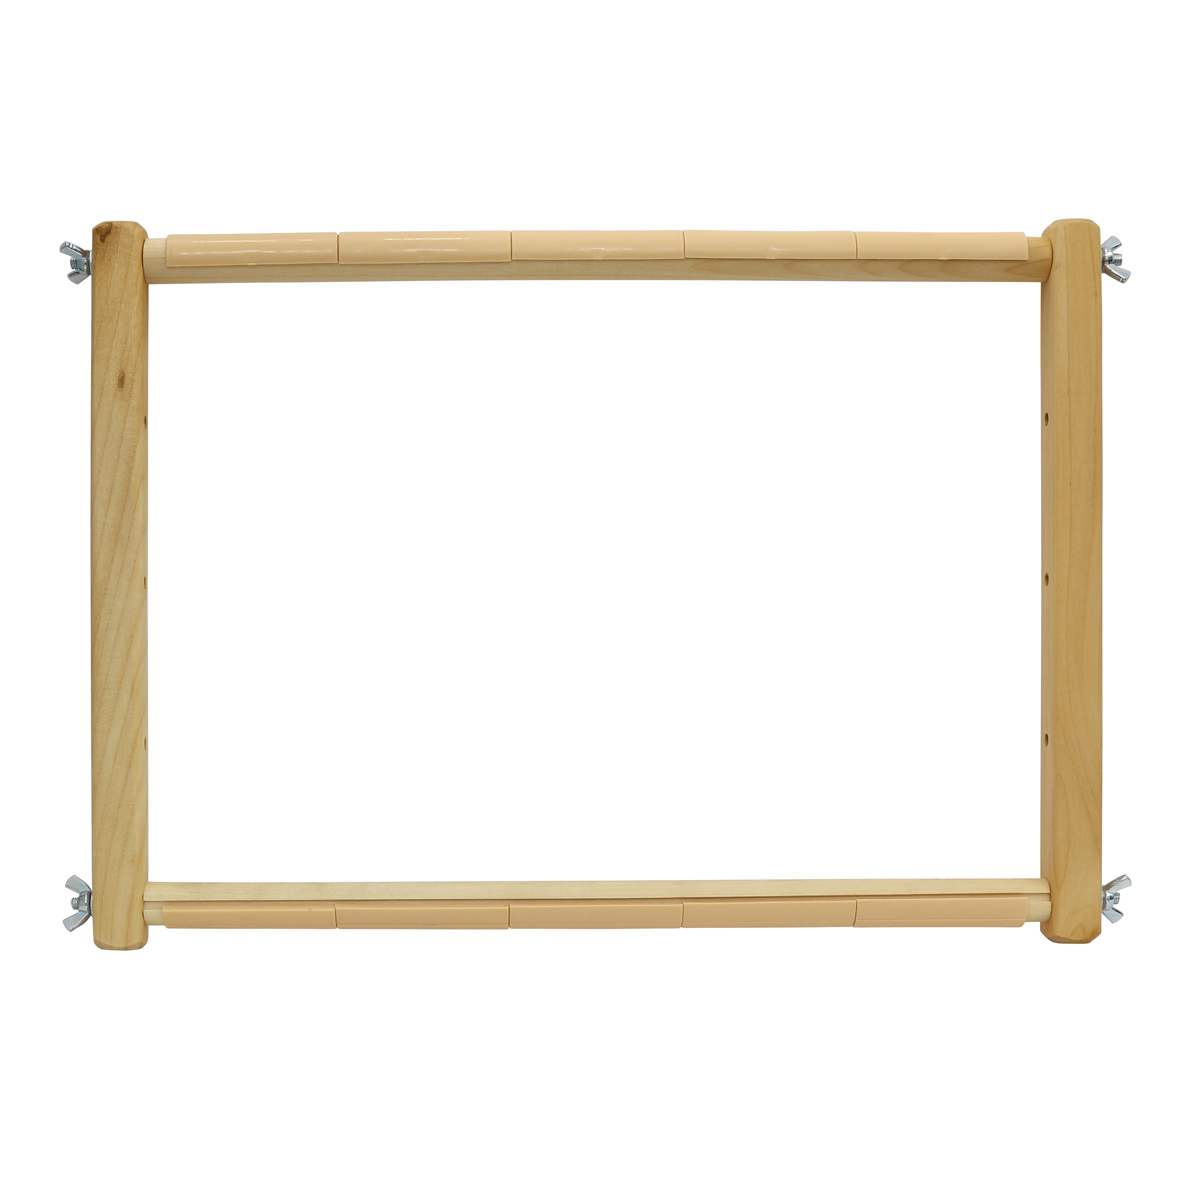 038BOS Пяльцы-рамка 'Лайт' (три размера)